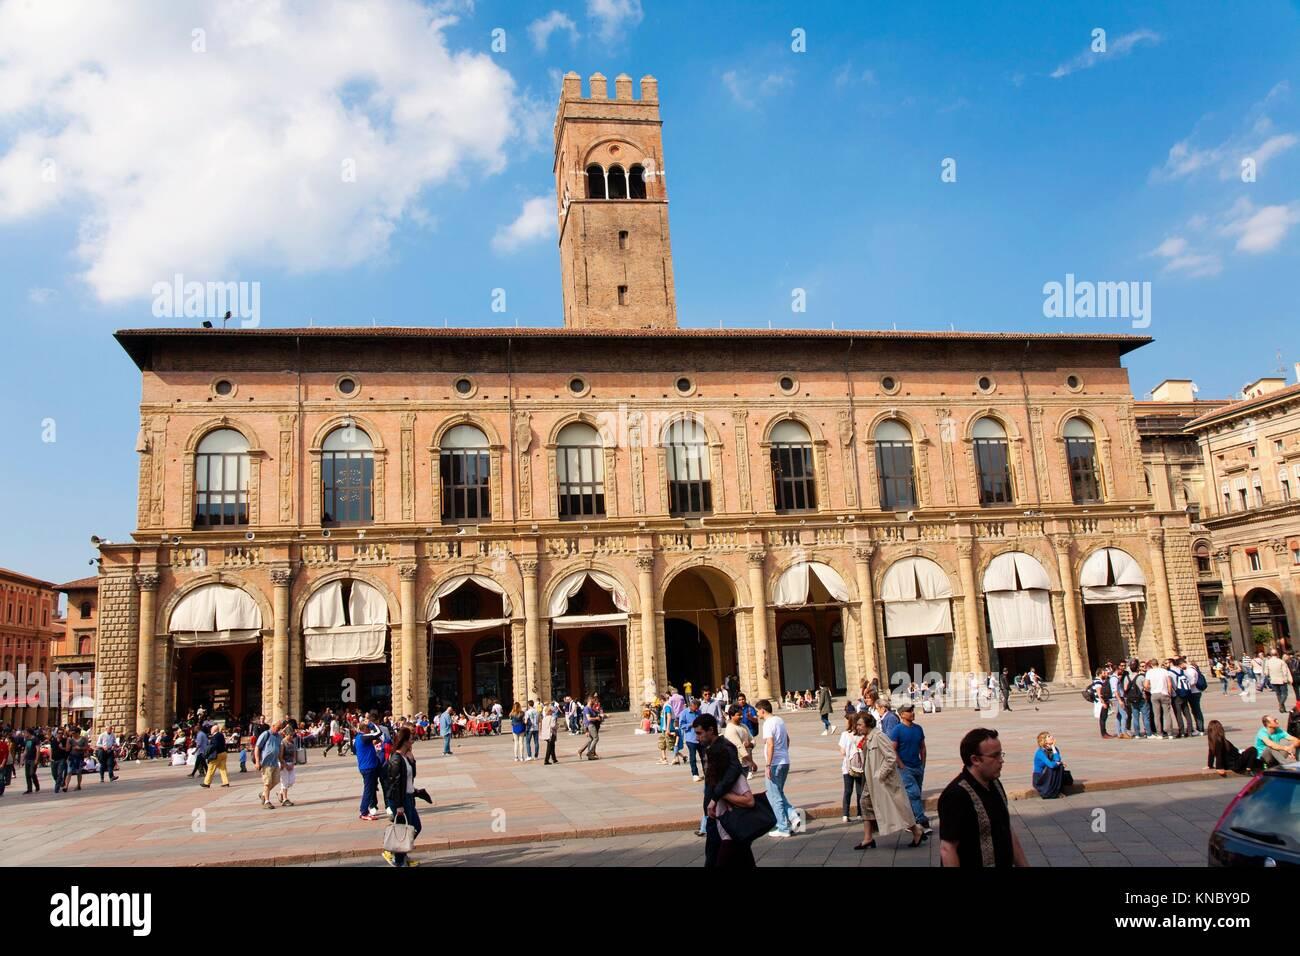 Palazzo re Enzo, Bologna, Italy. Stock Photo